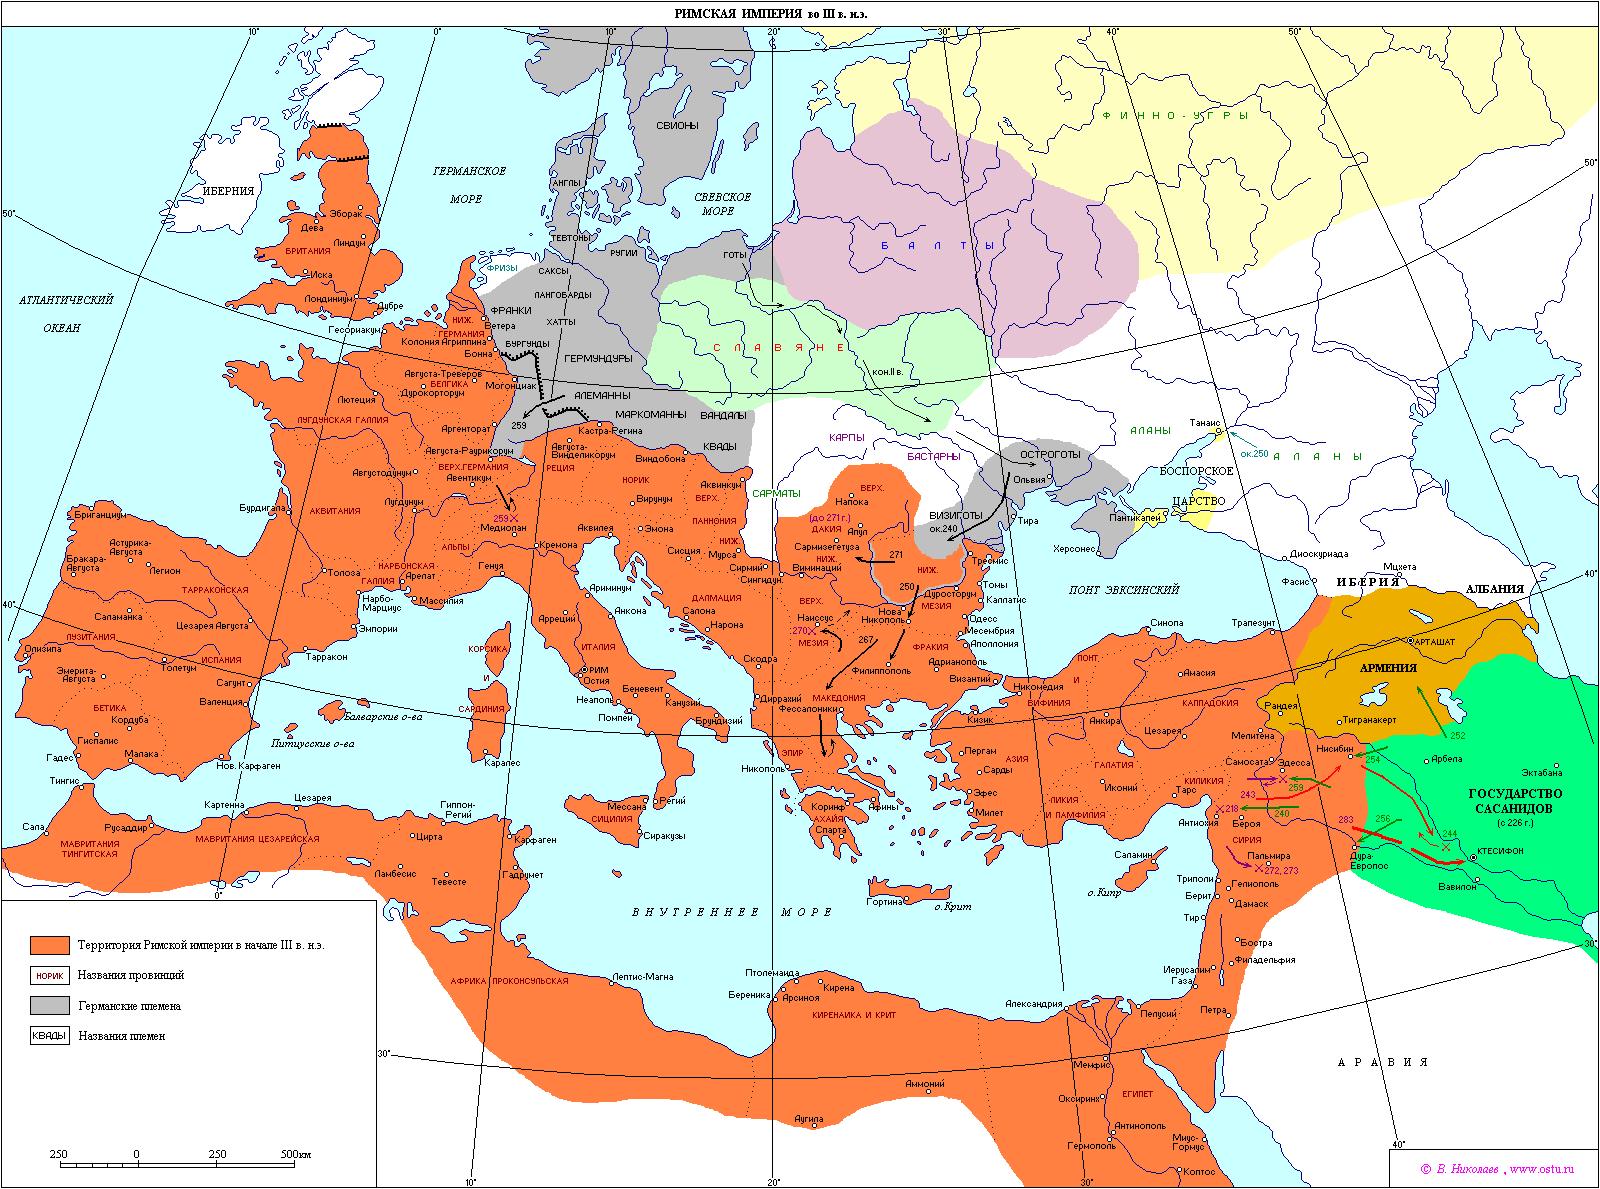 Римская империя в I в. н.э.